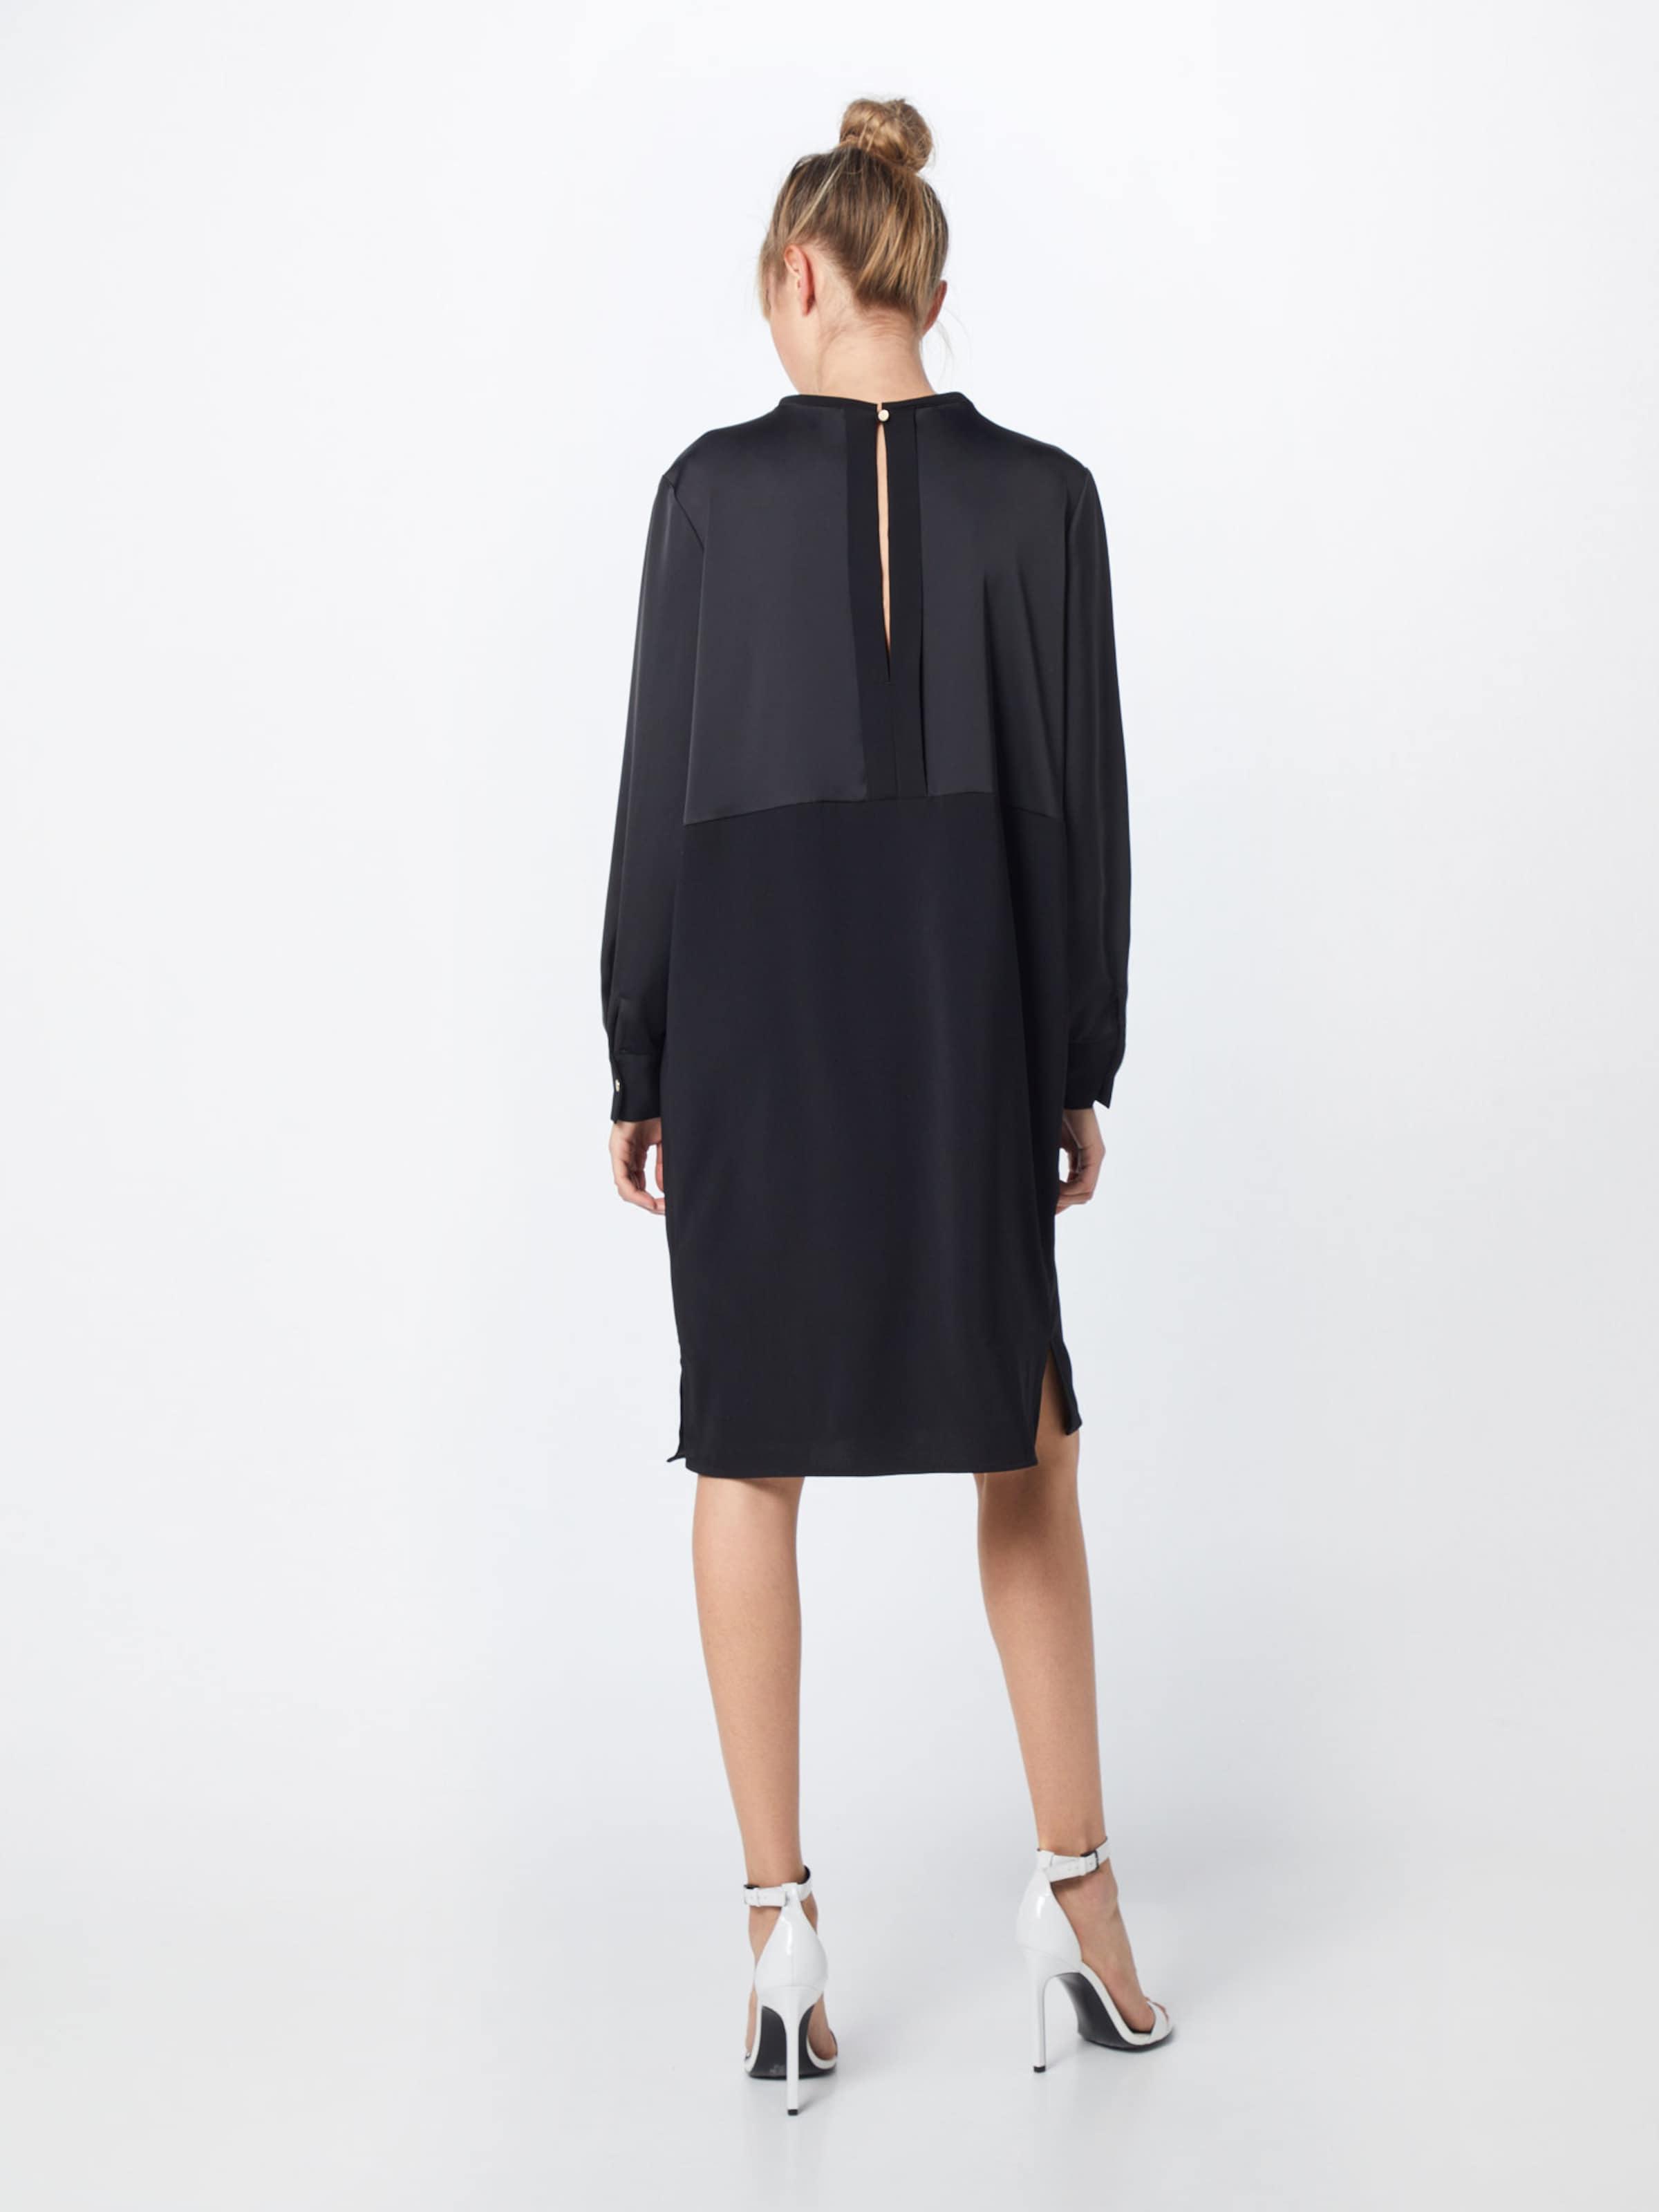 Robe 'love271' En Divine Loveamp; chemise Noir 34cALj5RqS